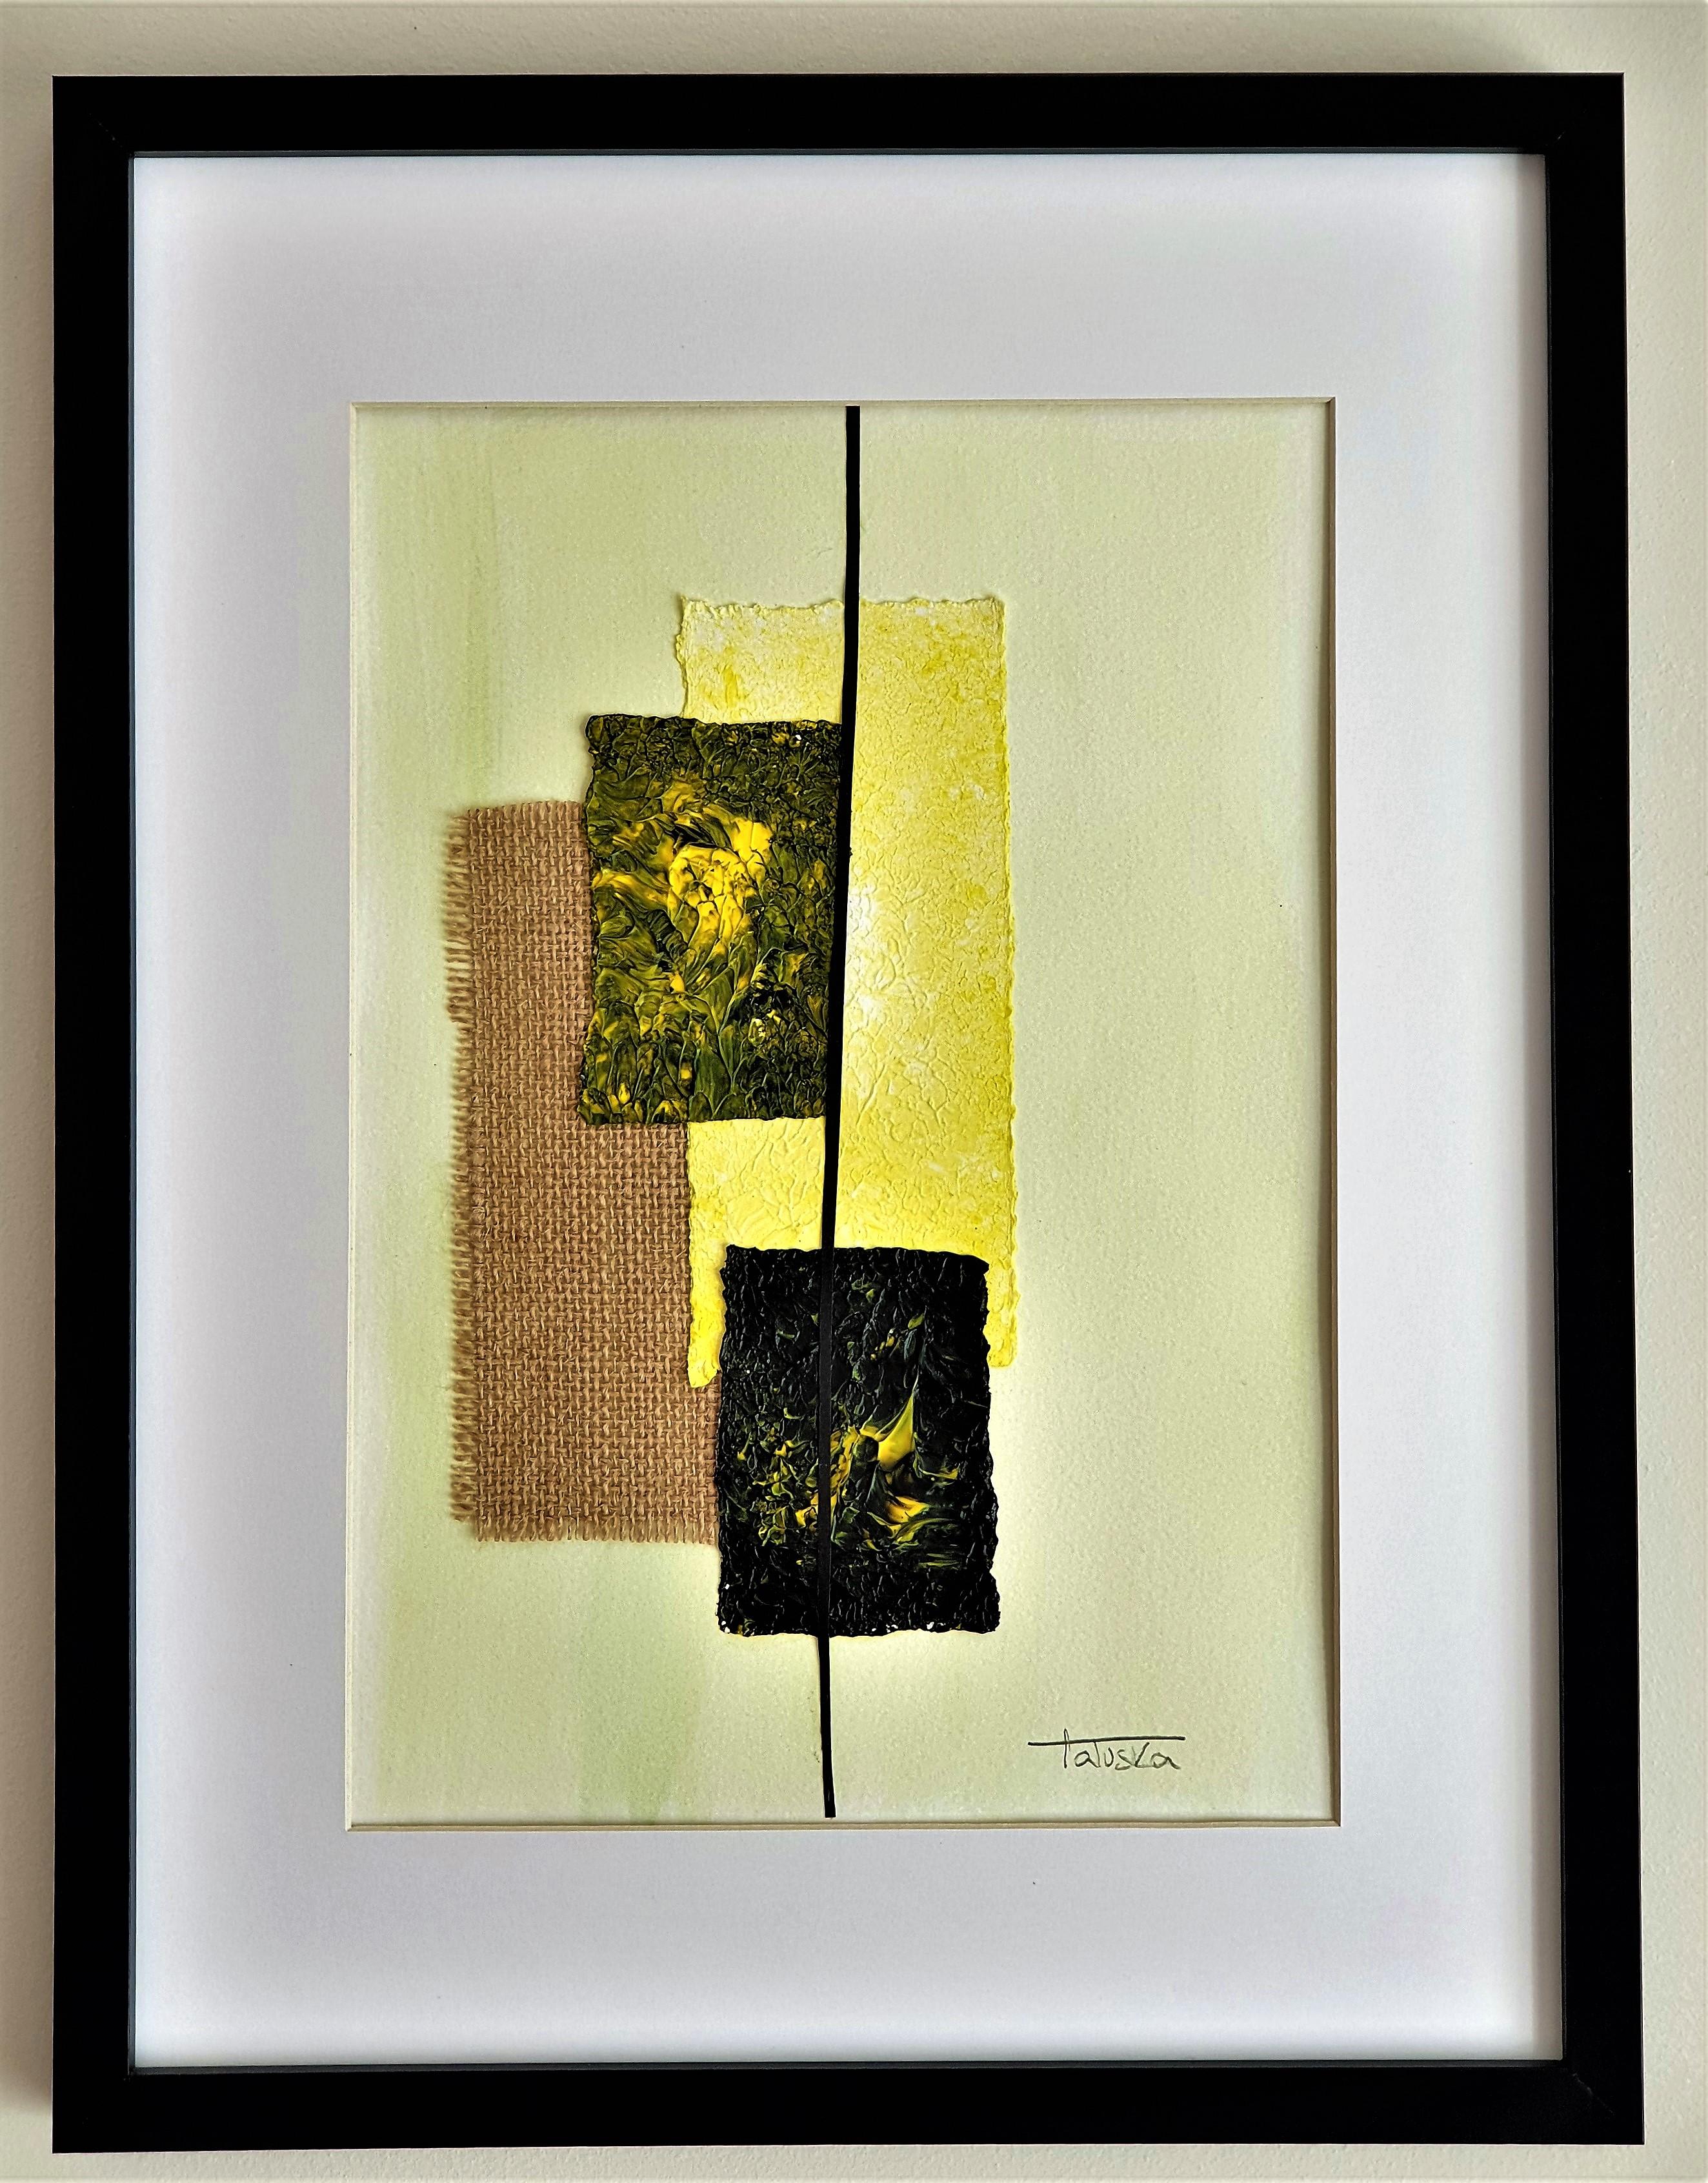 """Cuadro original de arte abstracto contemporáneo titulado """"Dreams"""", obra de la artista Tatuska"""